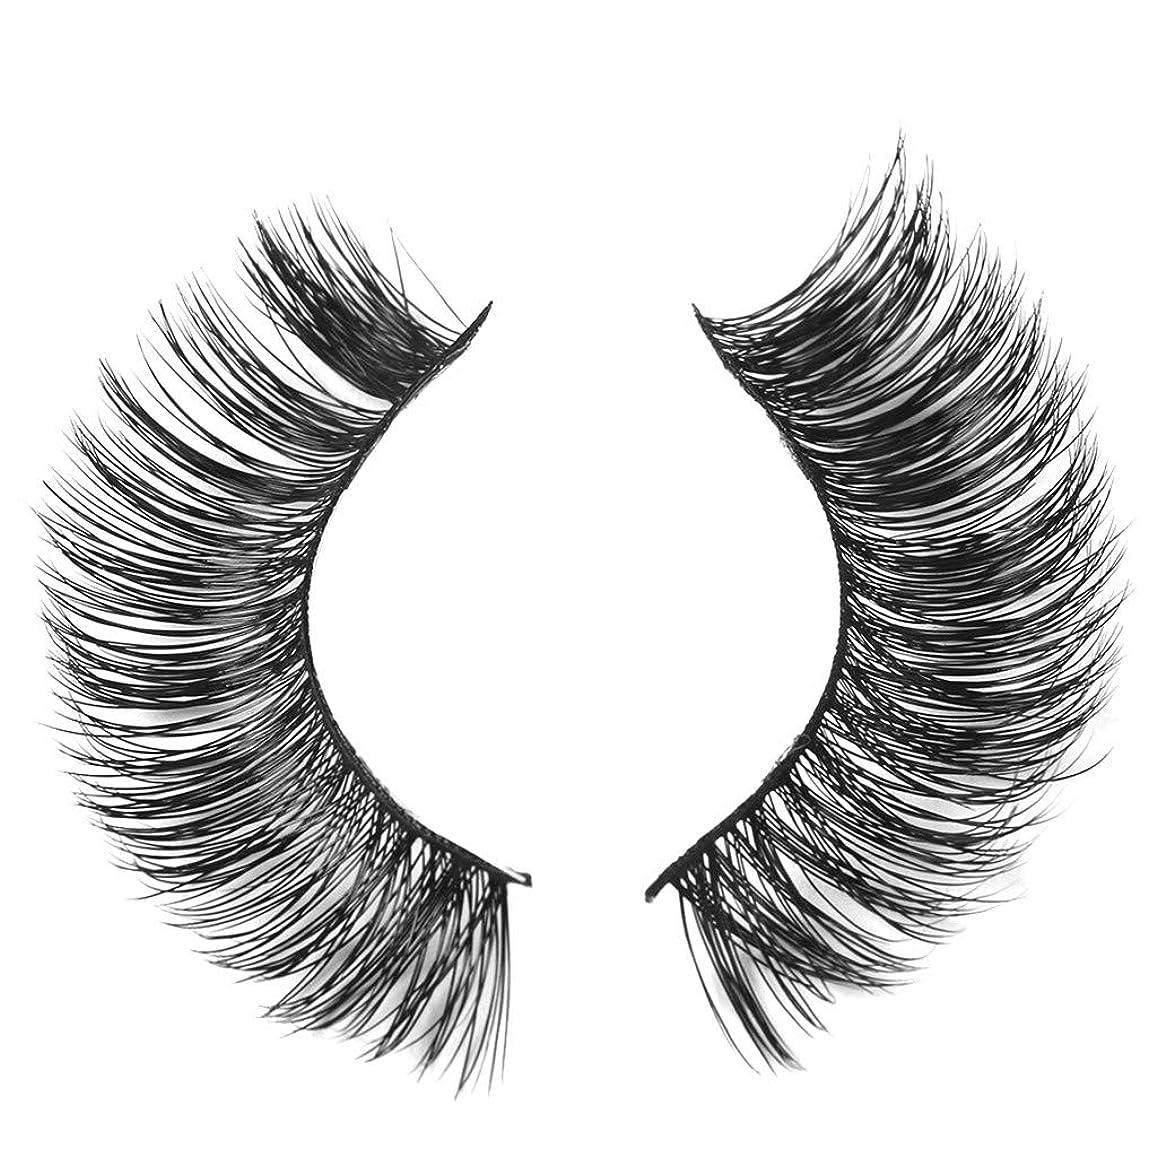 歩くマーチャンダイジング啓示ミンクの毛の自然な厚くなる化粧品の3D版のための一組のまつげ